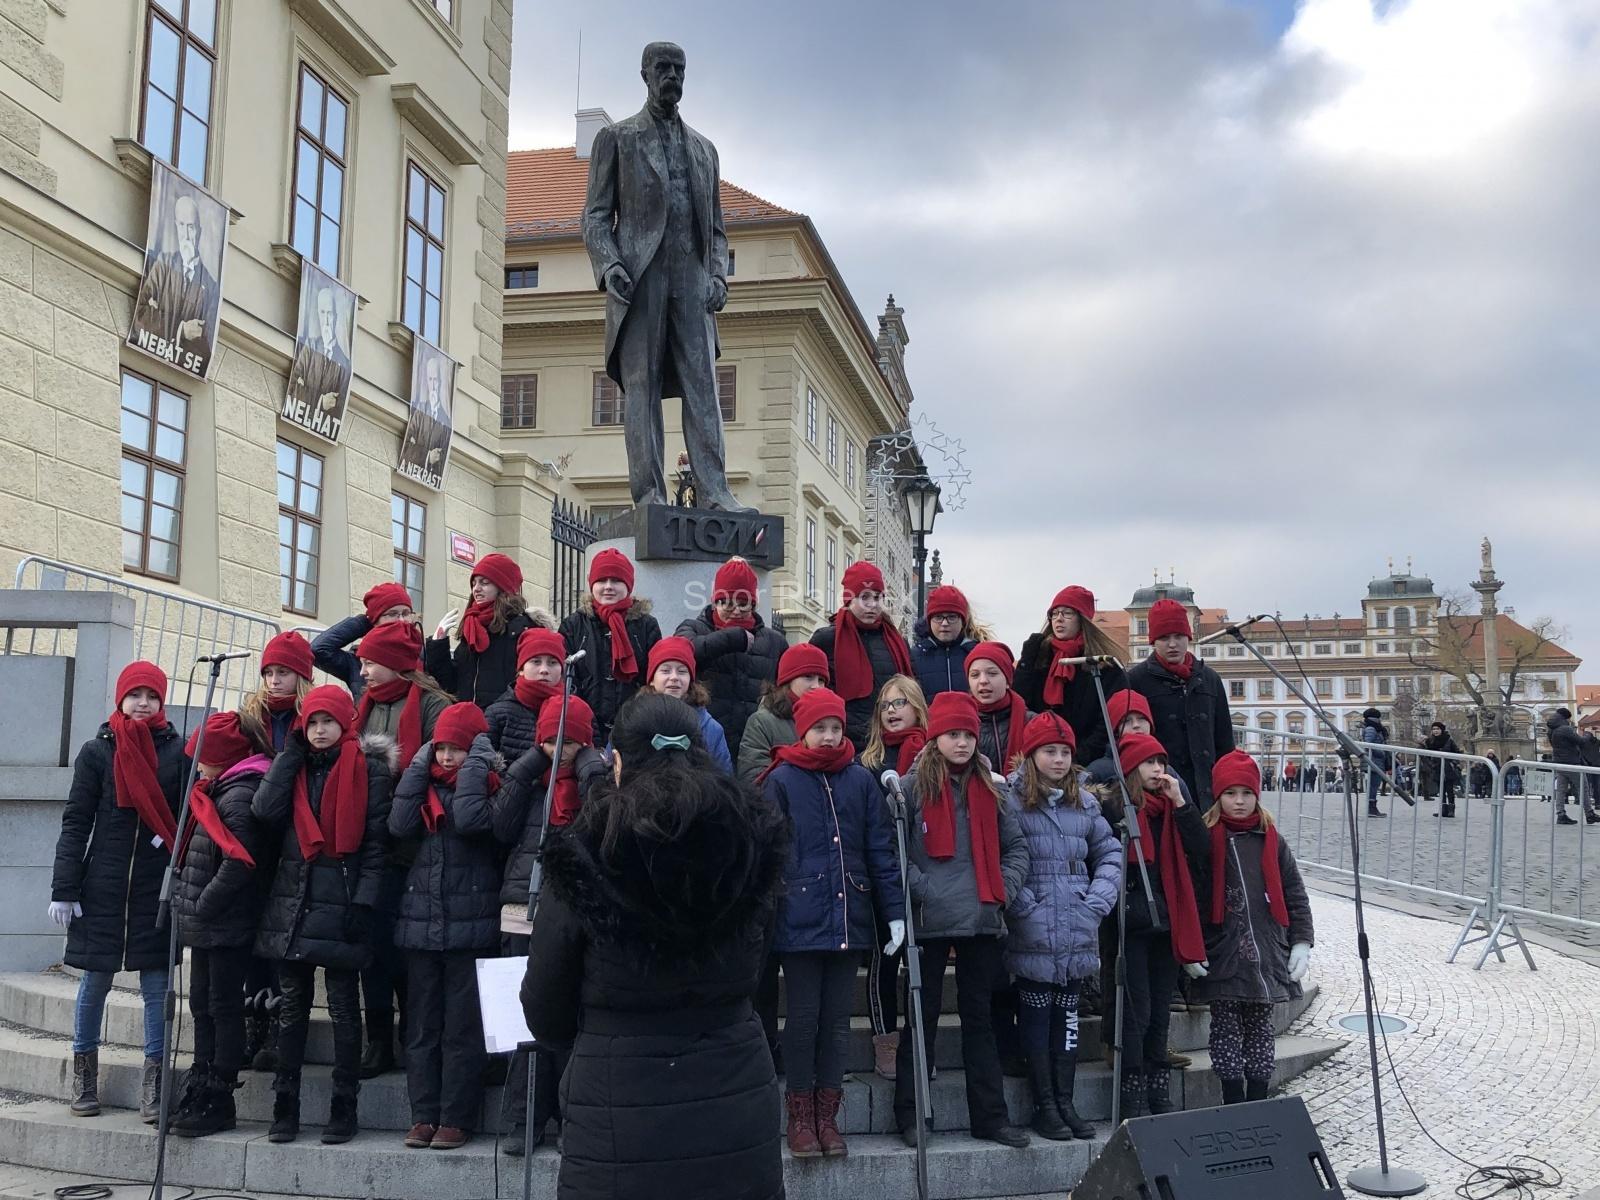 Hradčanské-náměstí-2018-12-18